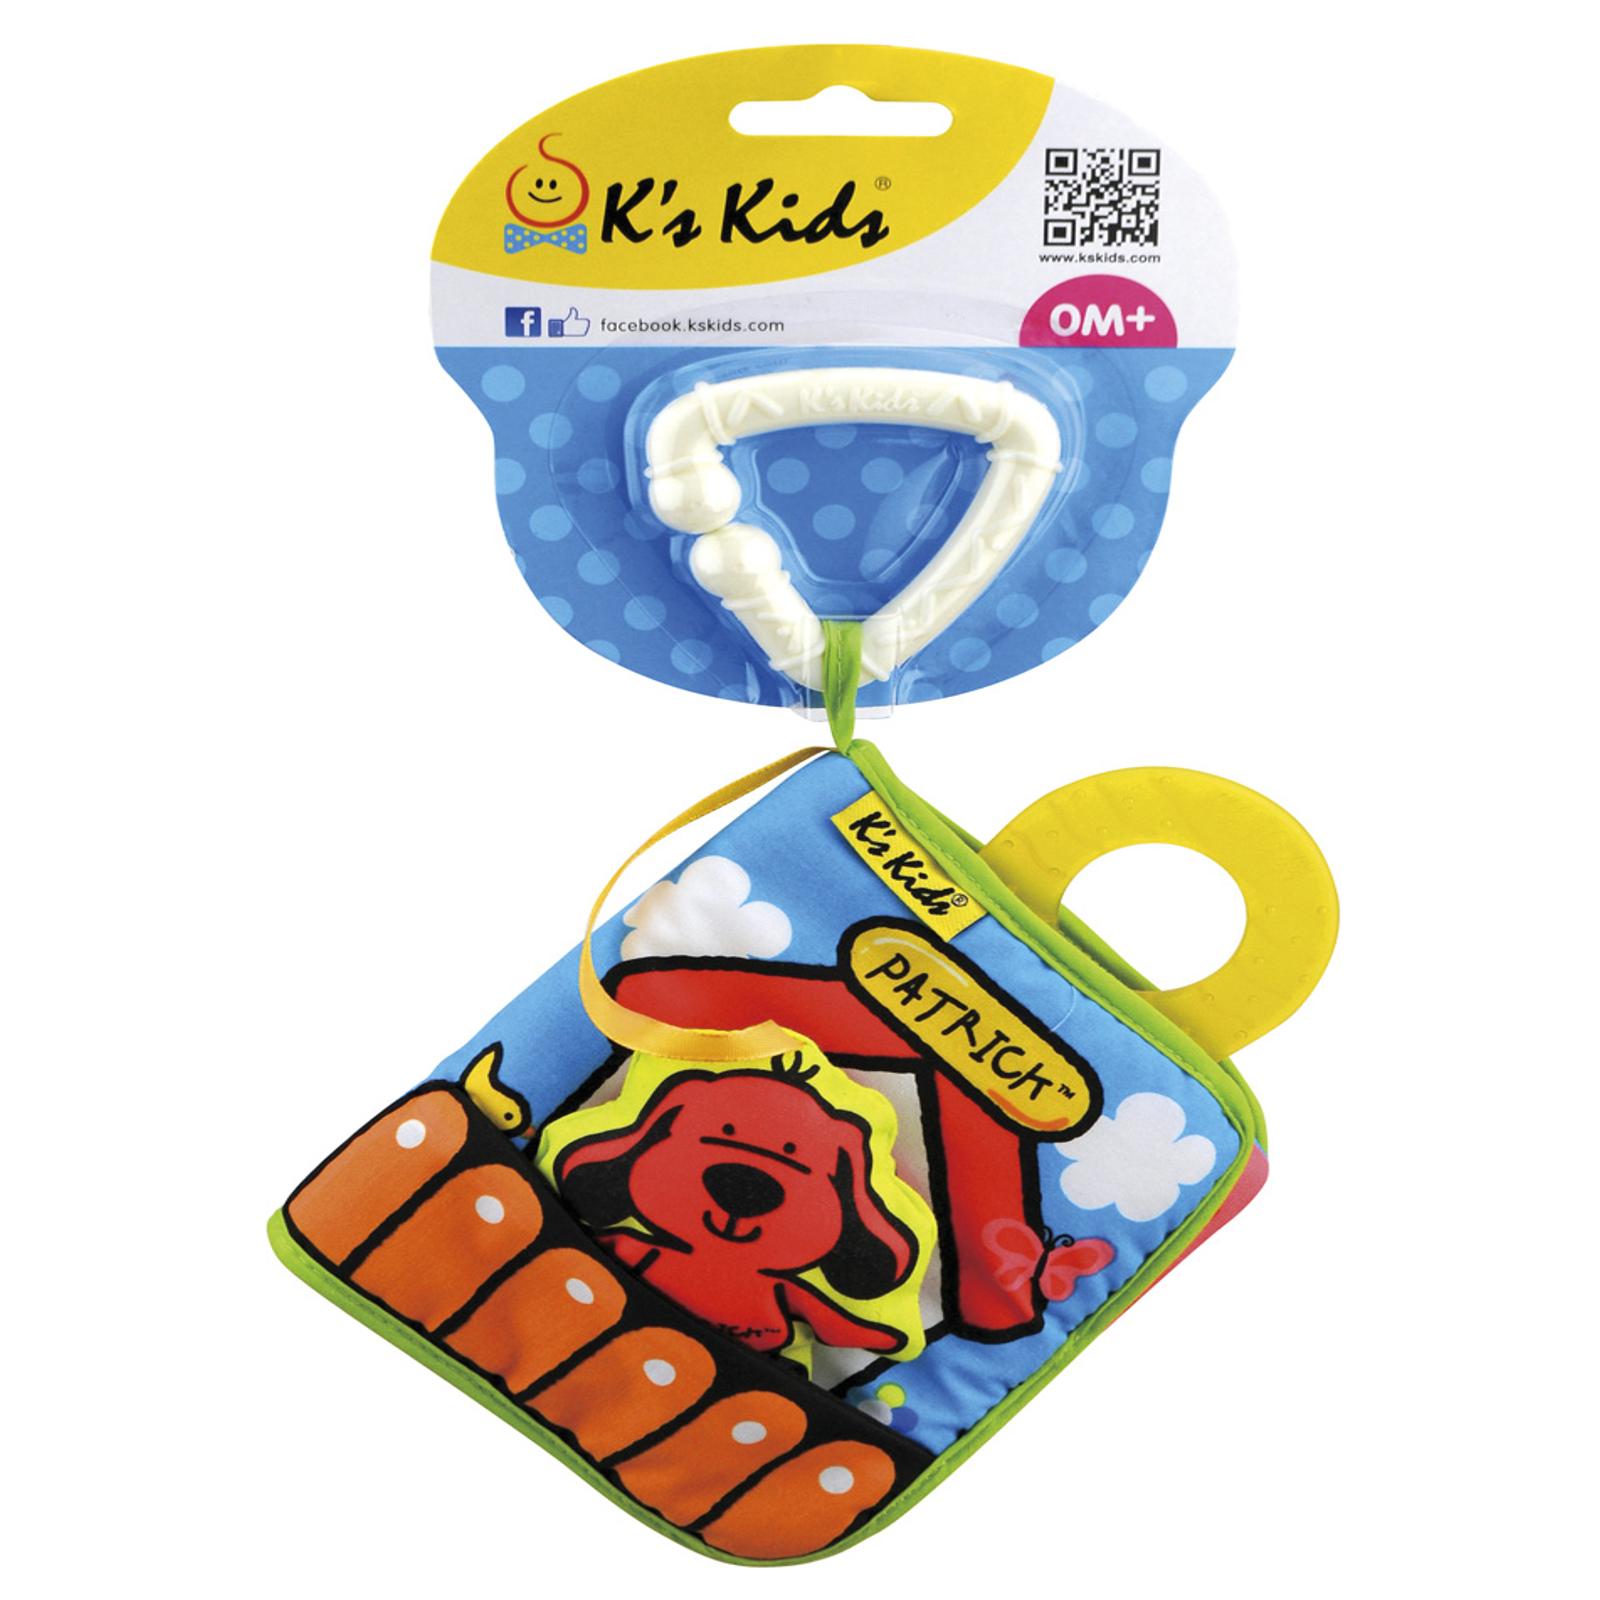 Развивающая игрушка K&amp;#039;s Kids Первая книжка с 6 мес.<br>